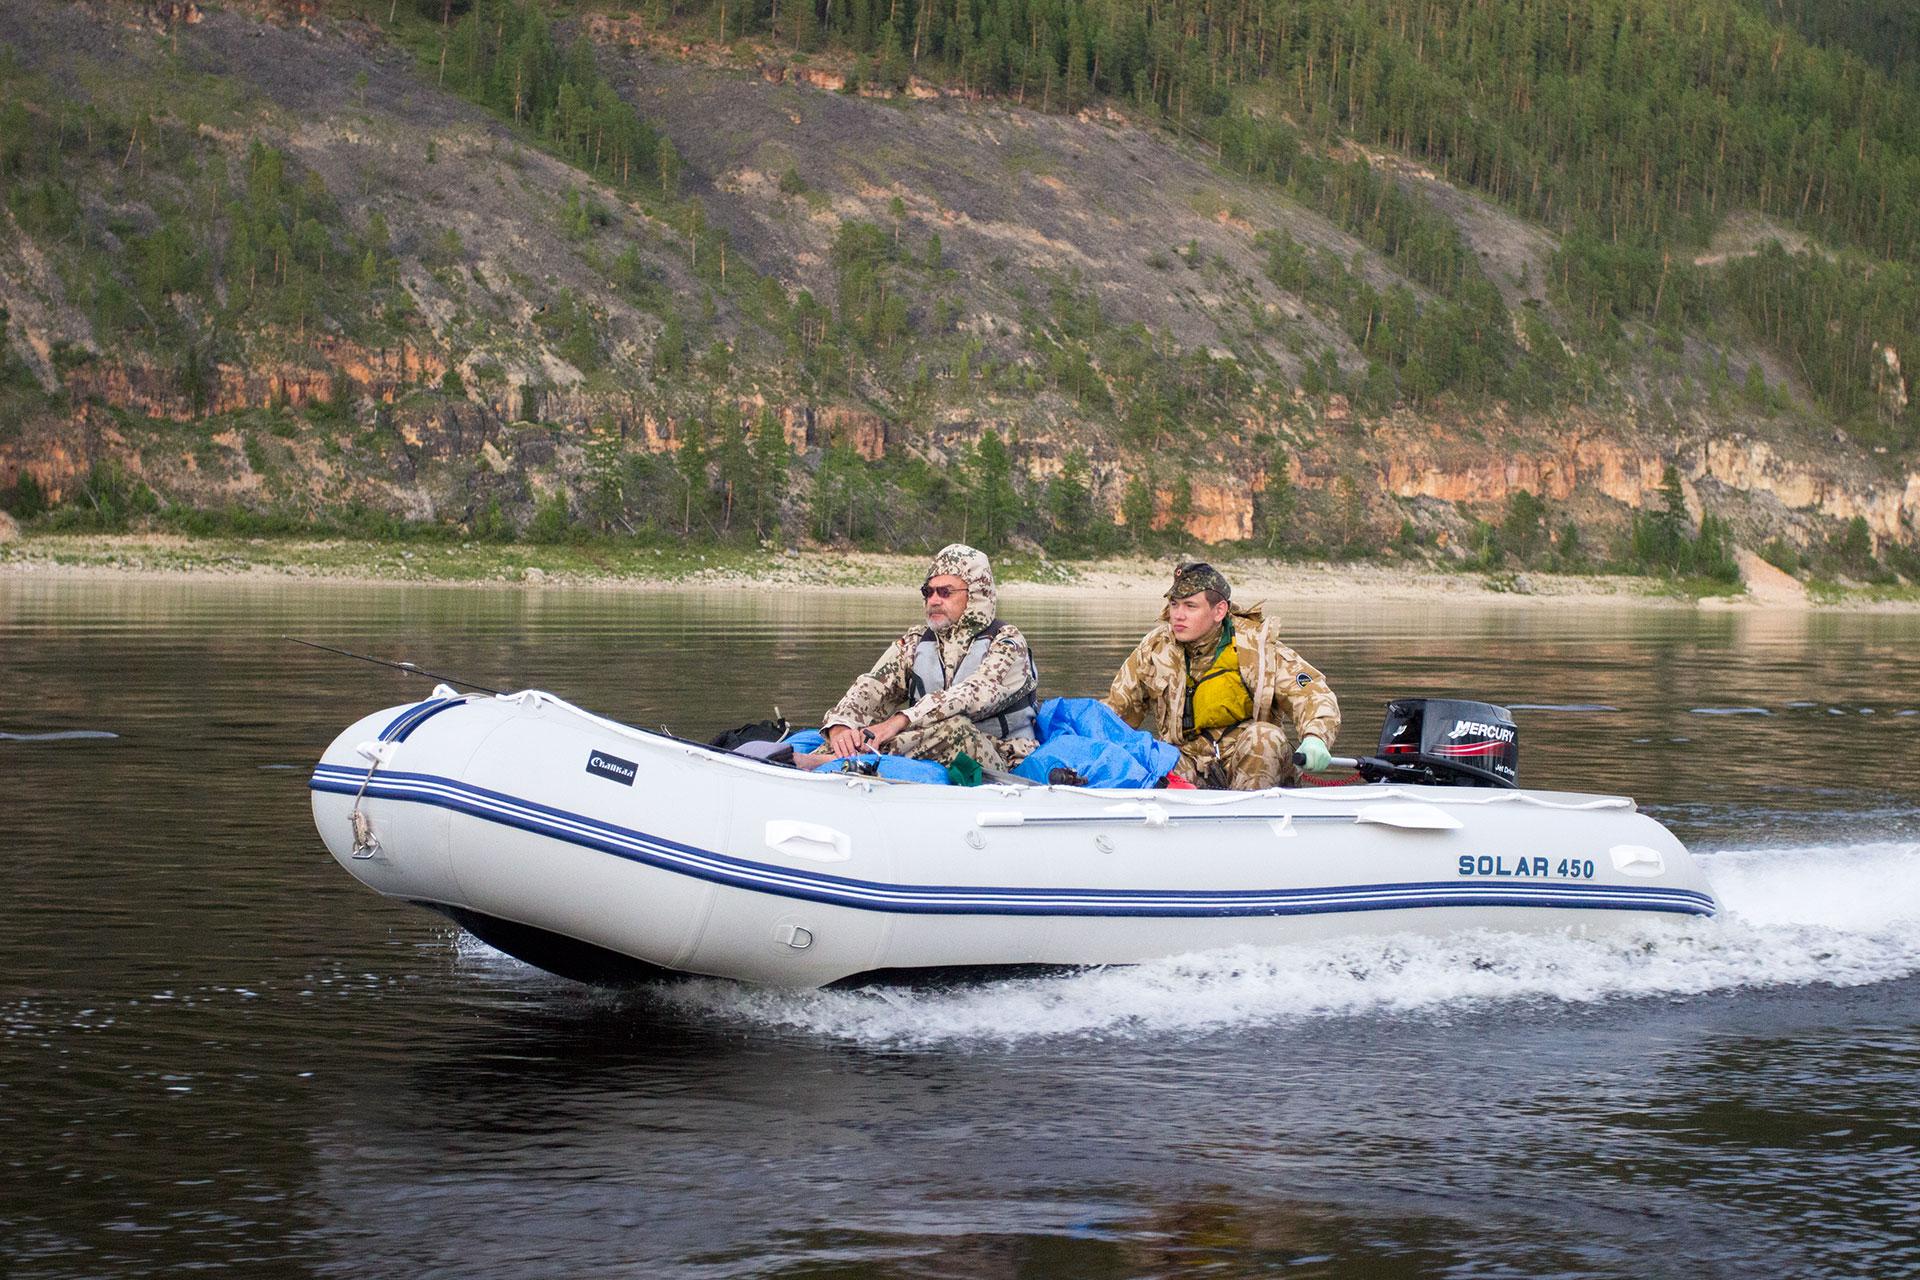 Надувная лодка Солар